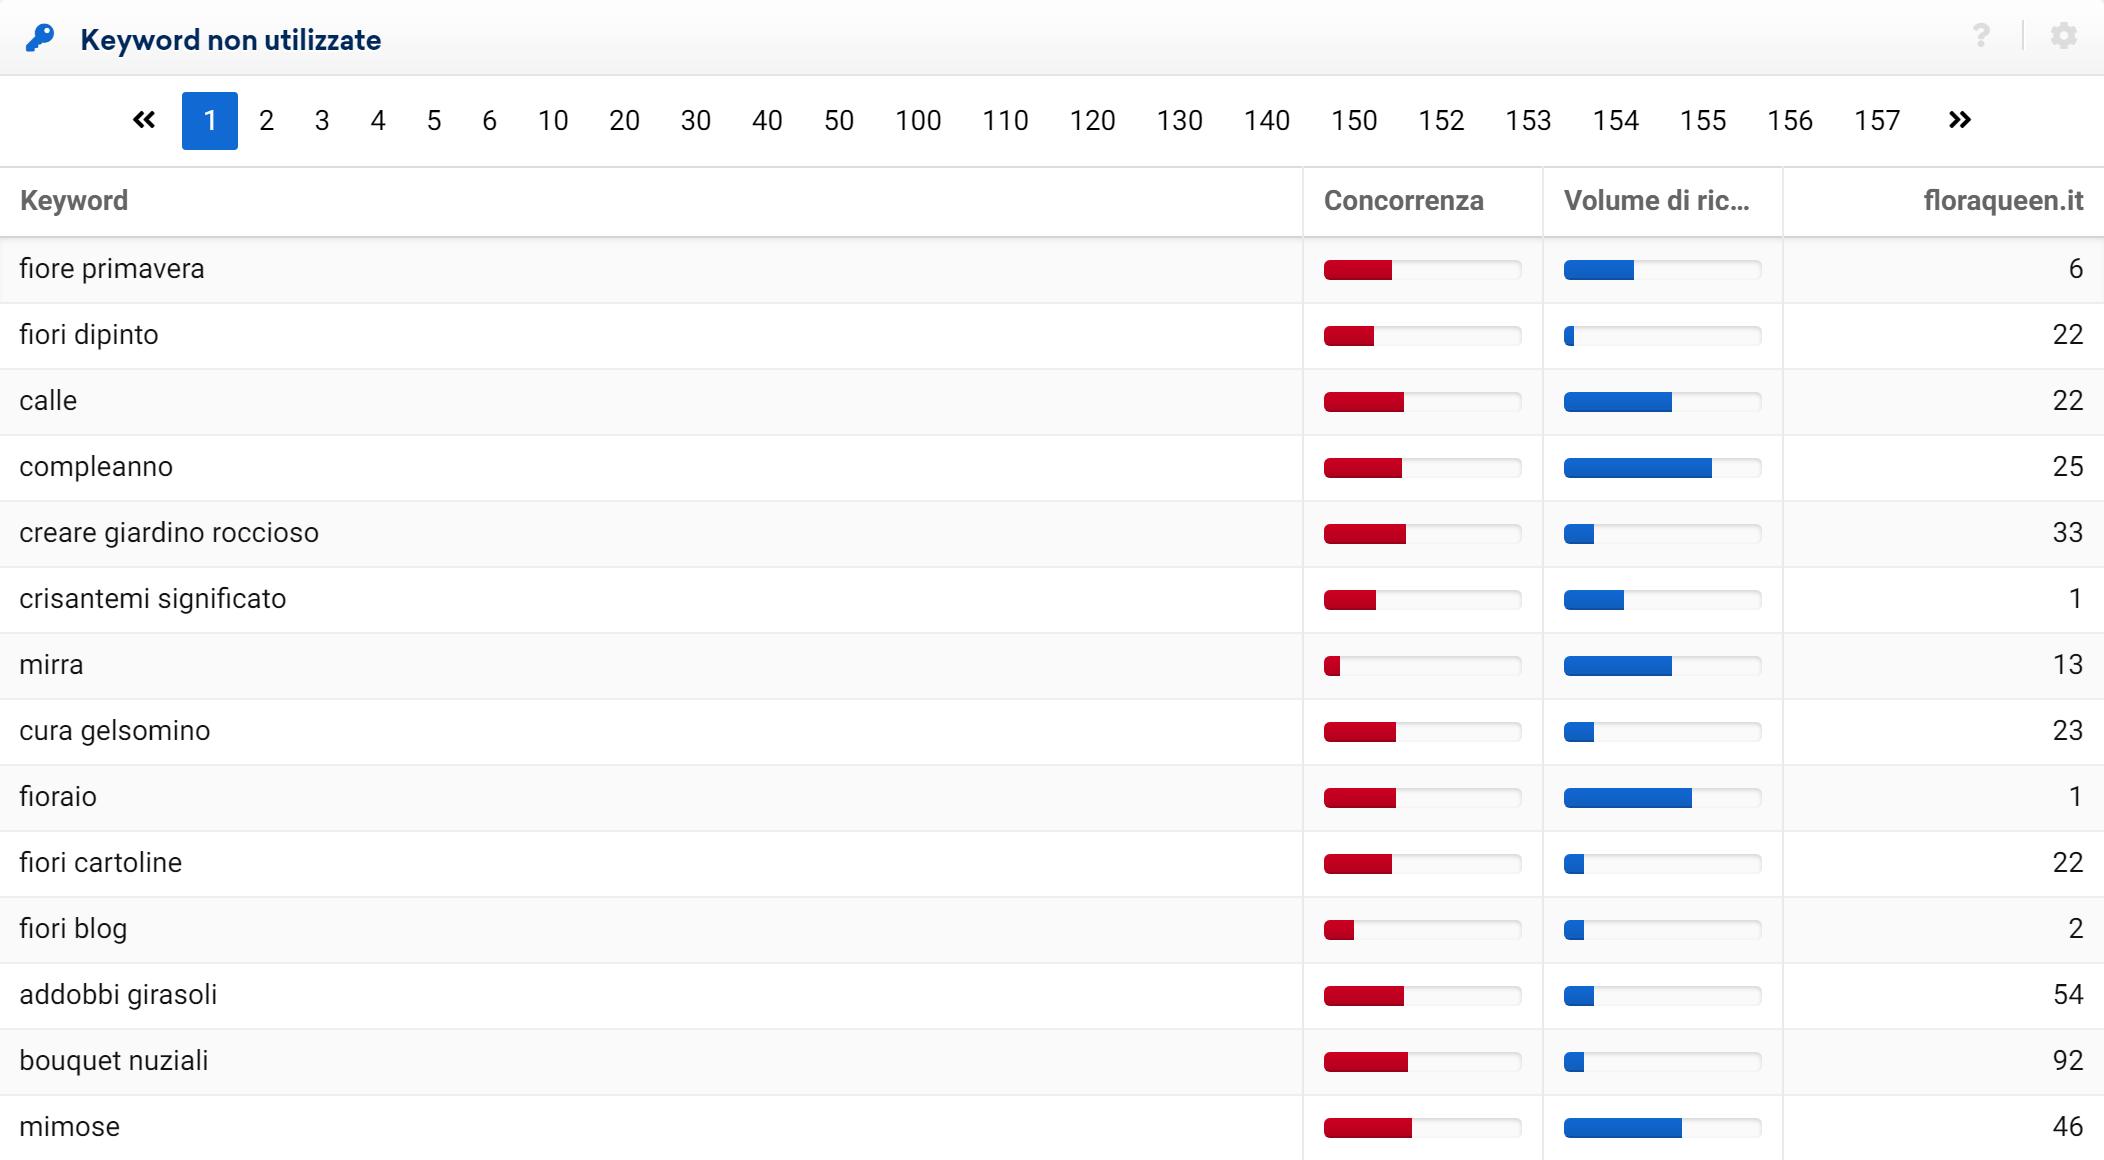 Lista di opportunità di interflora.it